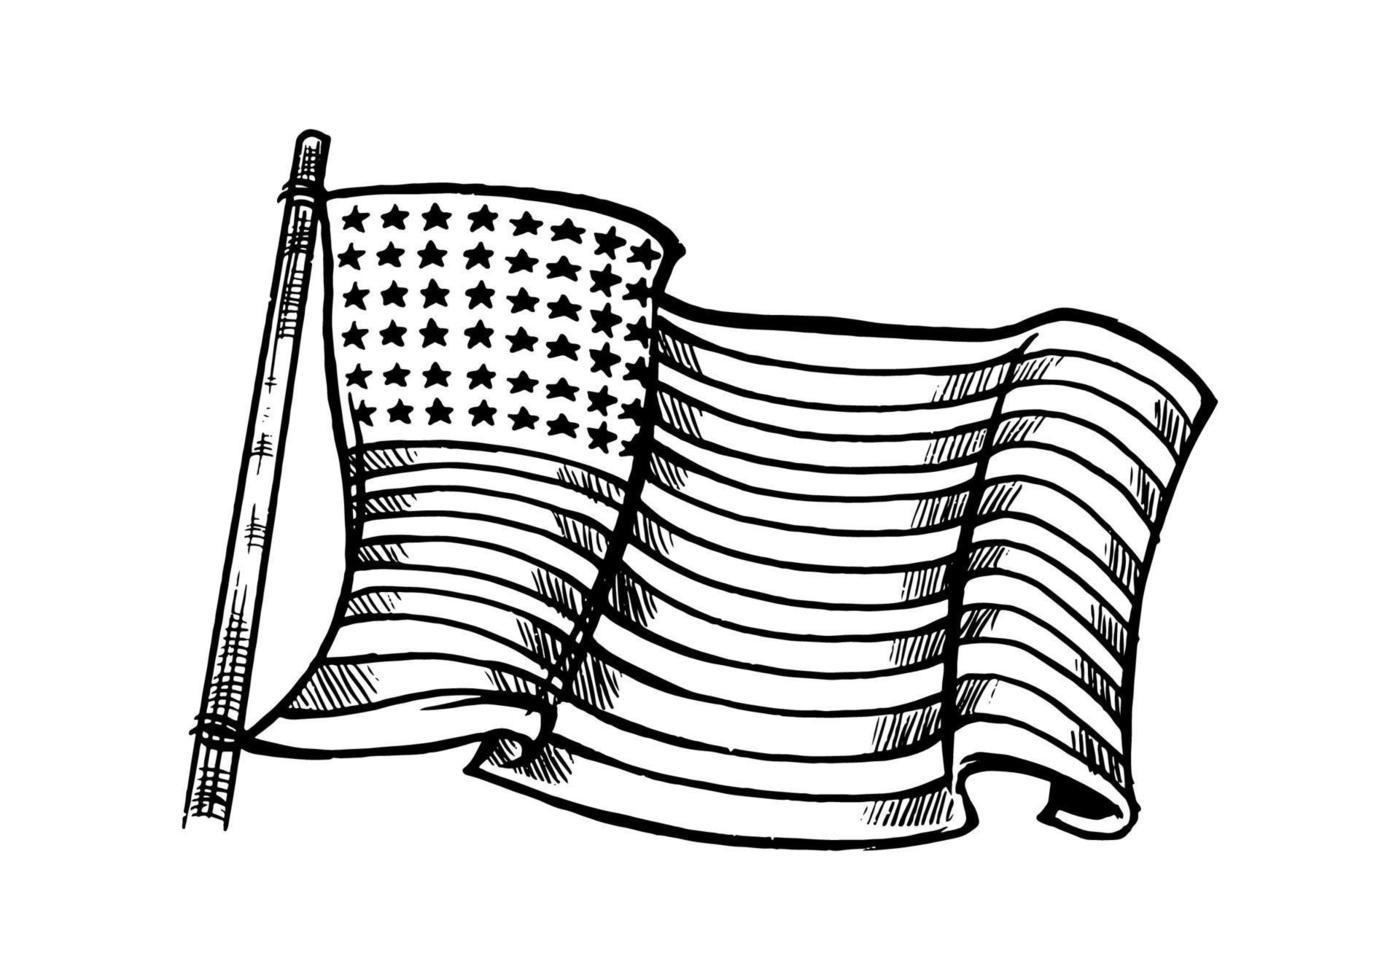 Élément de drapeau américain blanc noir dessiné à la main isolé sur fond blanc. illustration de drapeau américain monochrome pour symbole, emblème, fond, papier peint ou t-shirt isolé sur fond blanc. vecteur